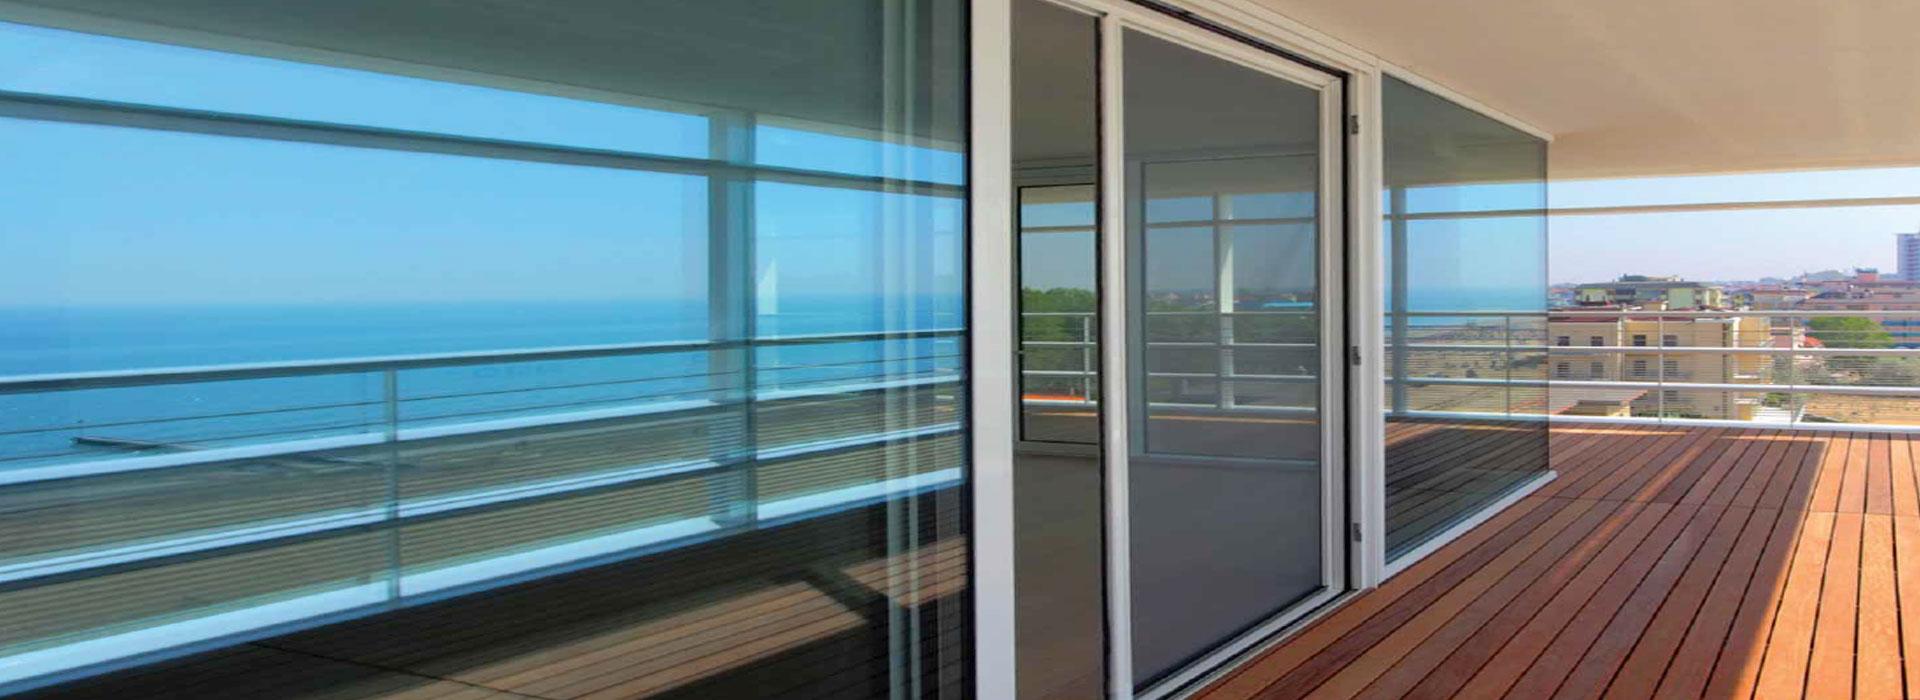 Zanzariere a lignano sabbiadoro l 39 infisso - Zanzariere per finestre ...